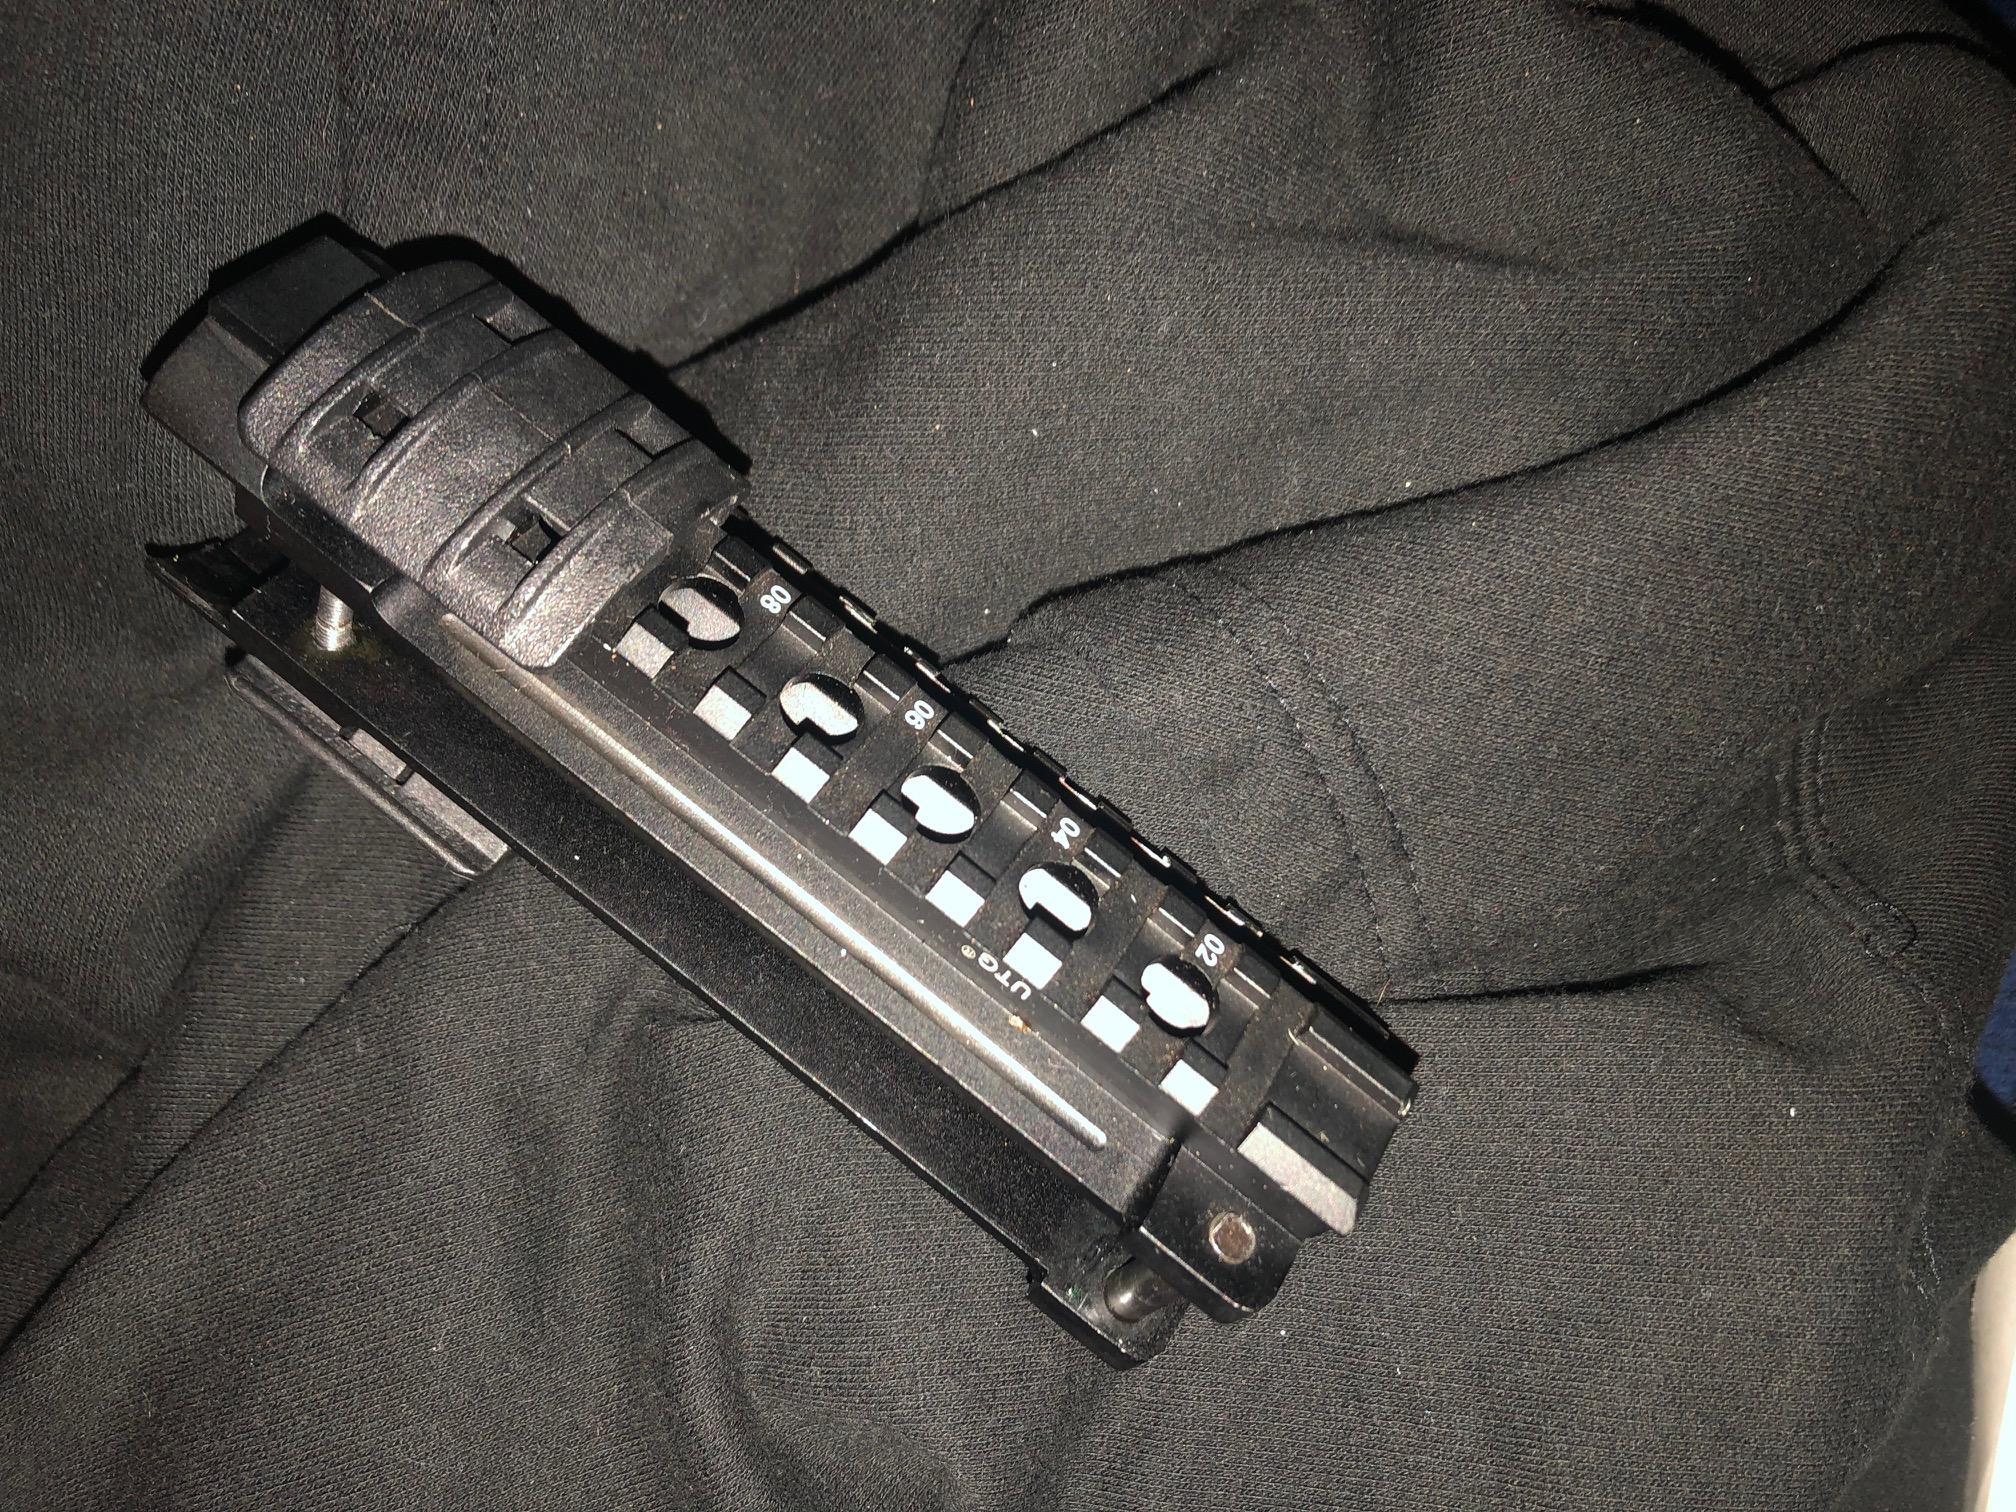 WTS:  HK94 MP5SD shroud, 80% lower, UTG rail, etc-img_3880.jpg